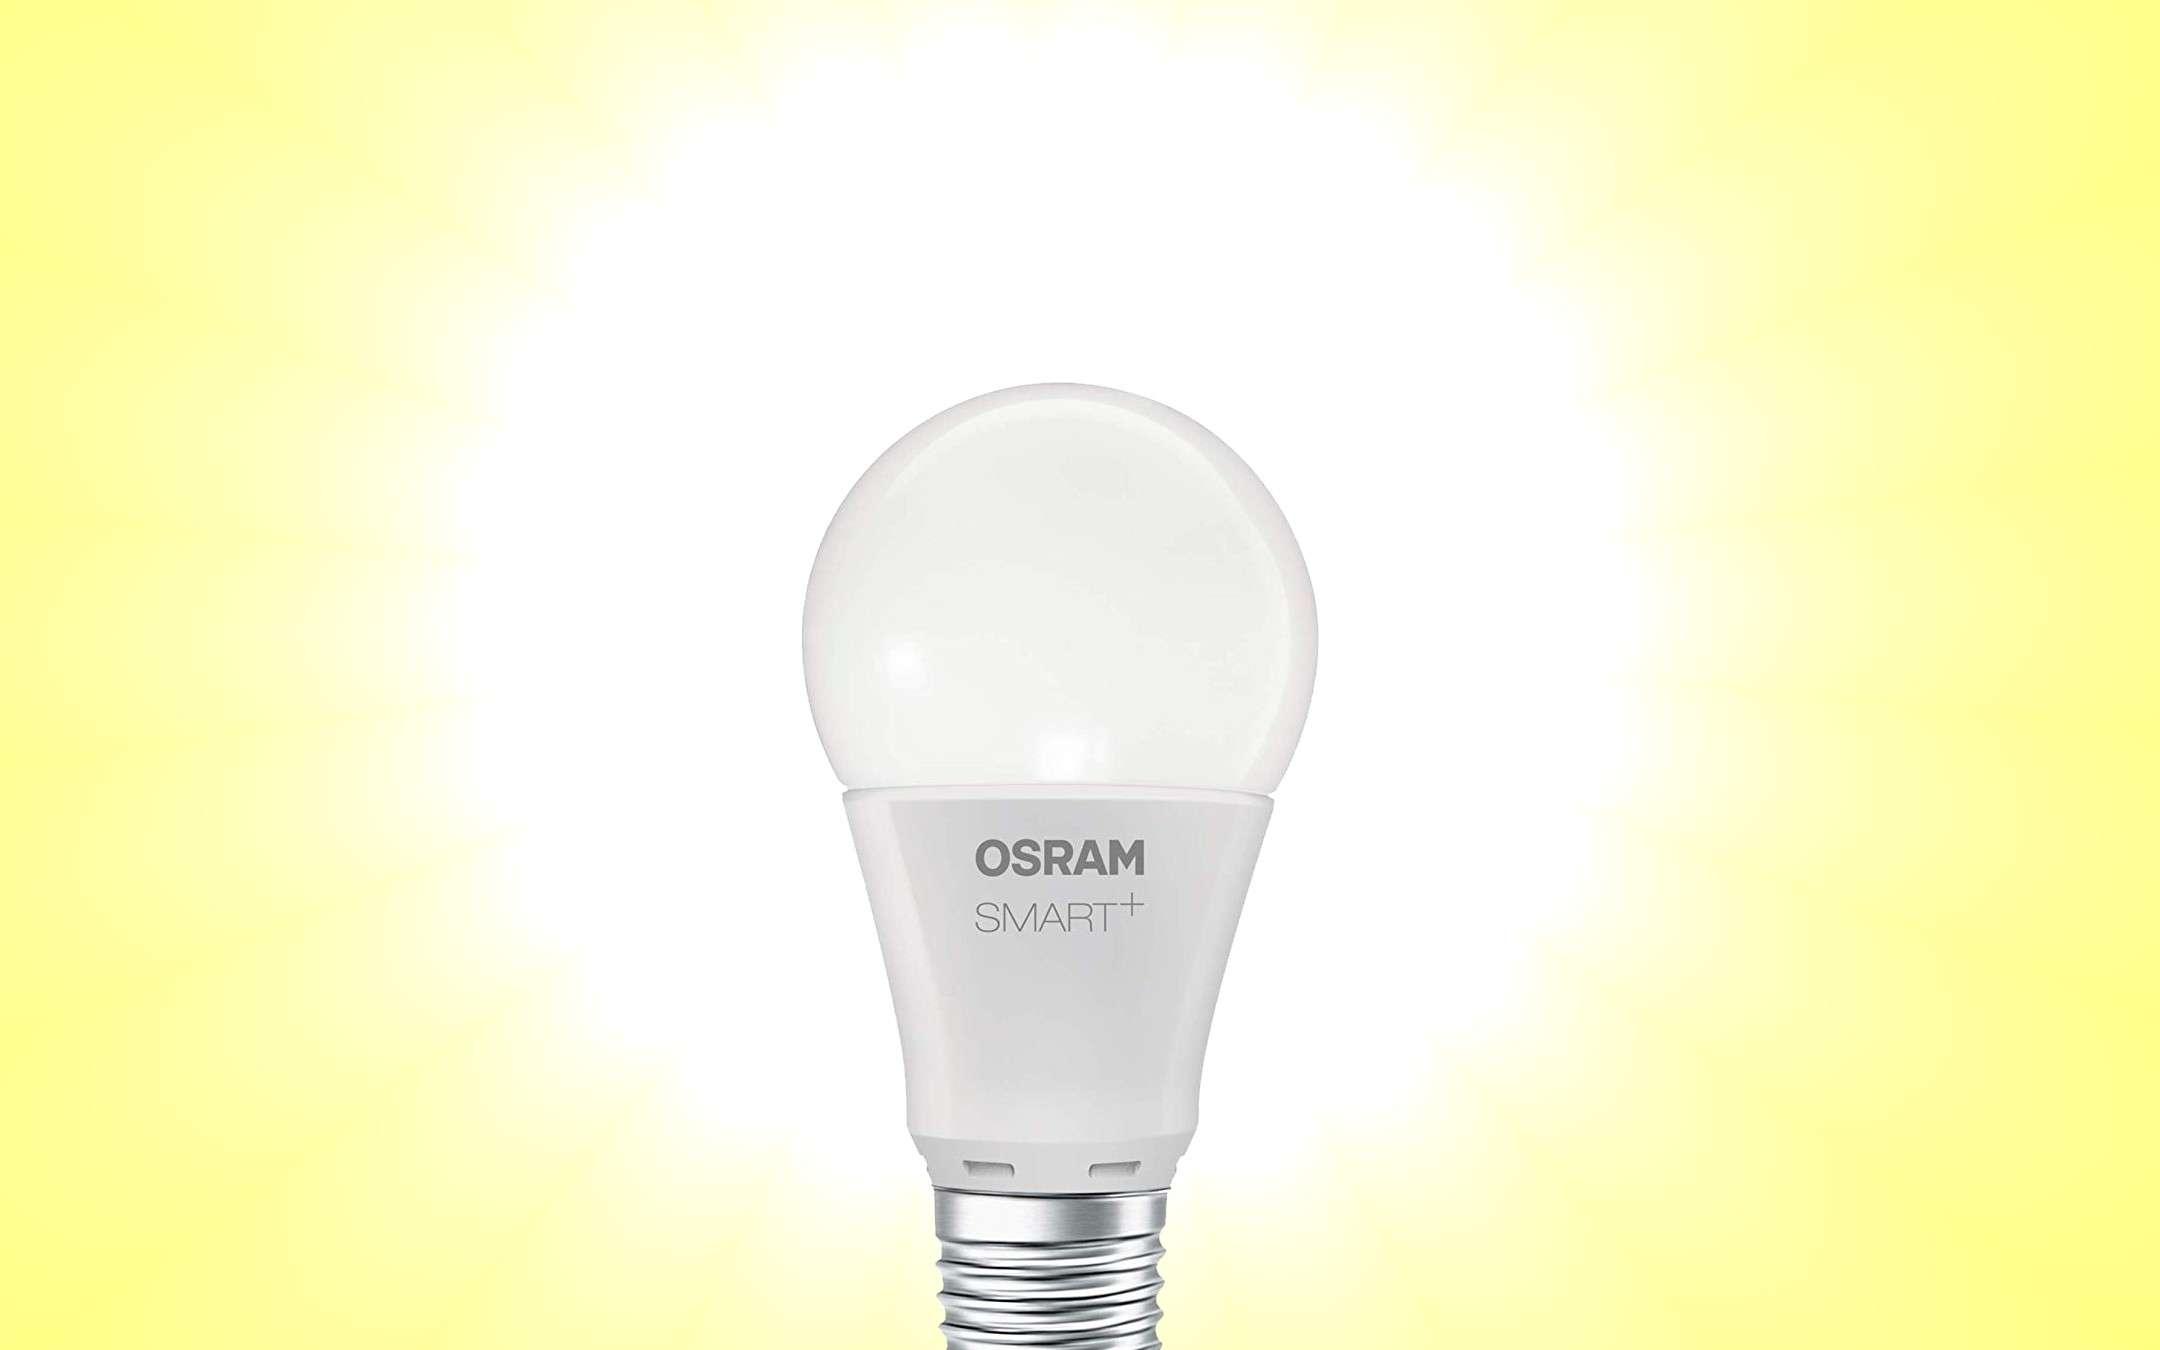 Lampadina Osram Smart+